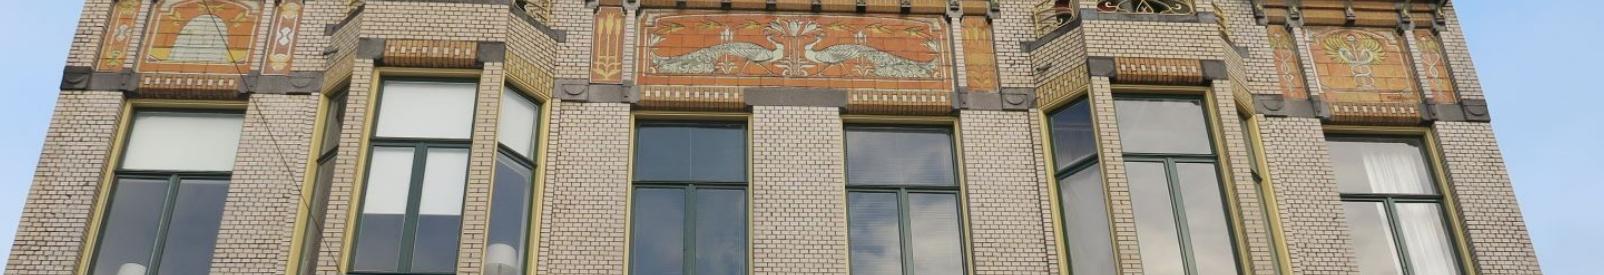 Outplacement en loopbaanadvies in Groningen